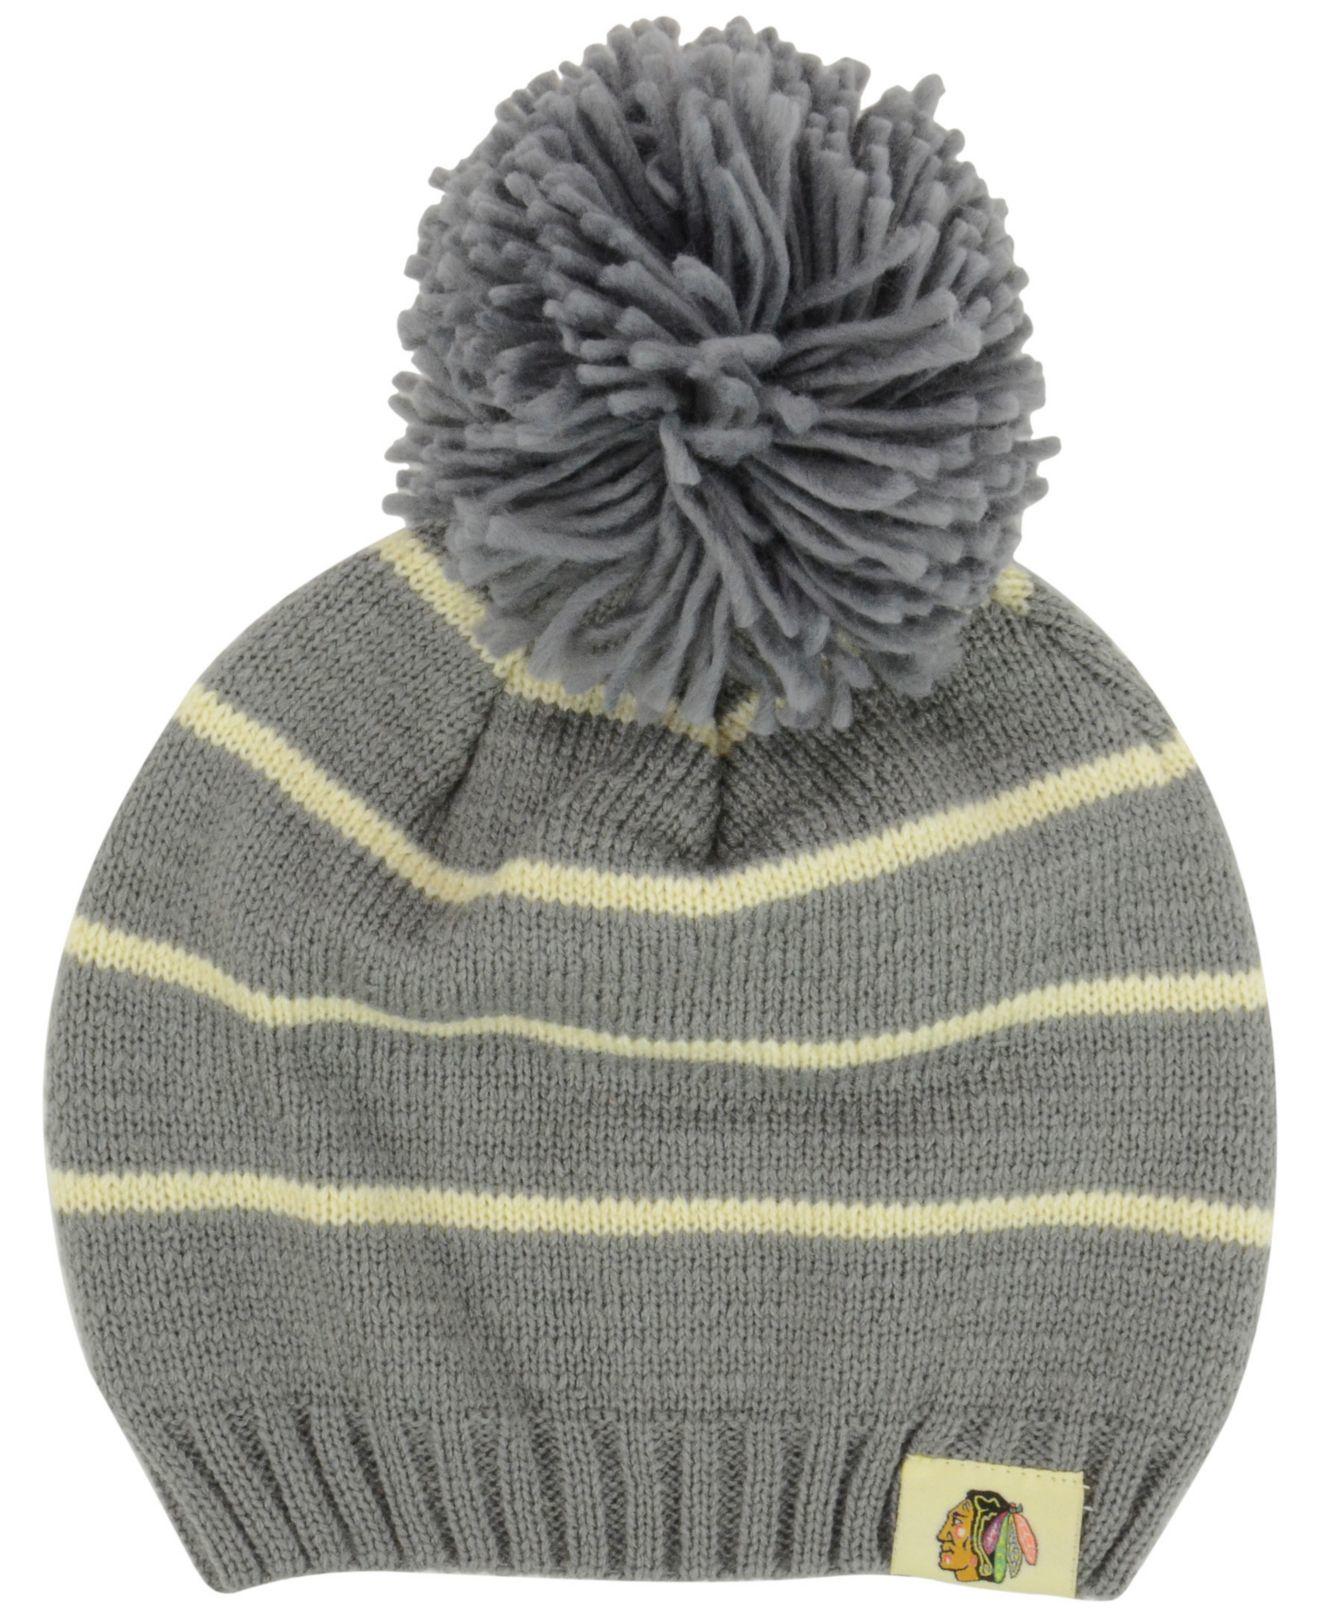 Lyst - Reebok Women s Chicago Blackhawks Pom Knit Hat in Gray a69b18f1d